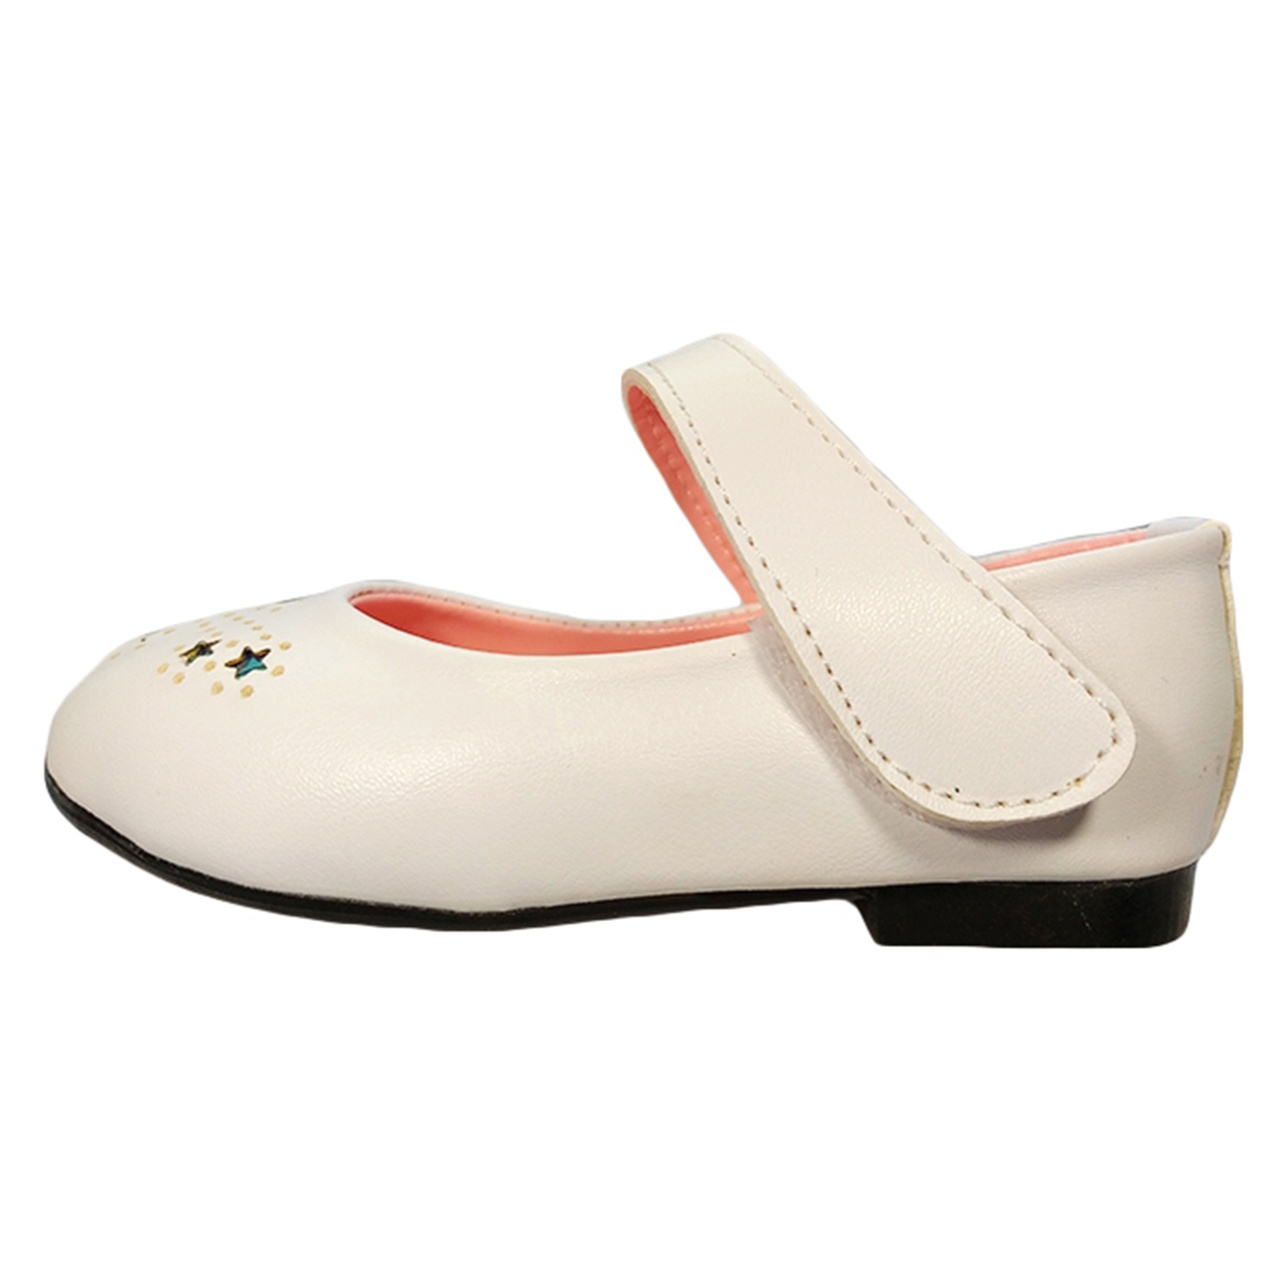 کفش دخترانه مدل STAR_WHDM21